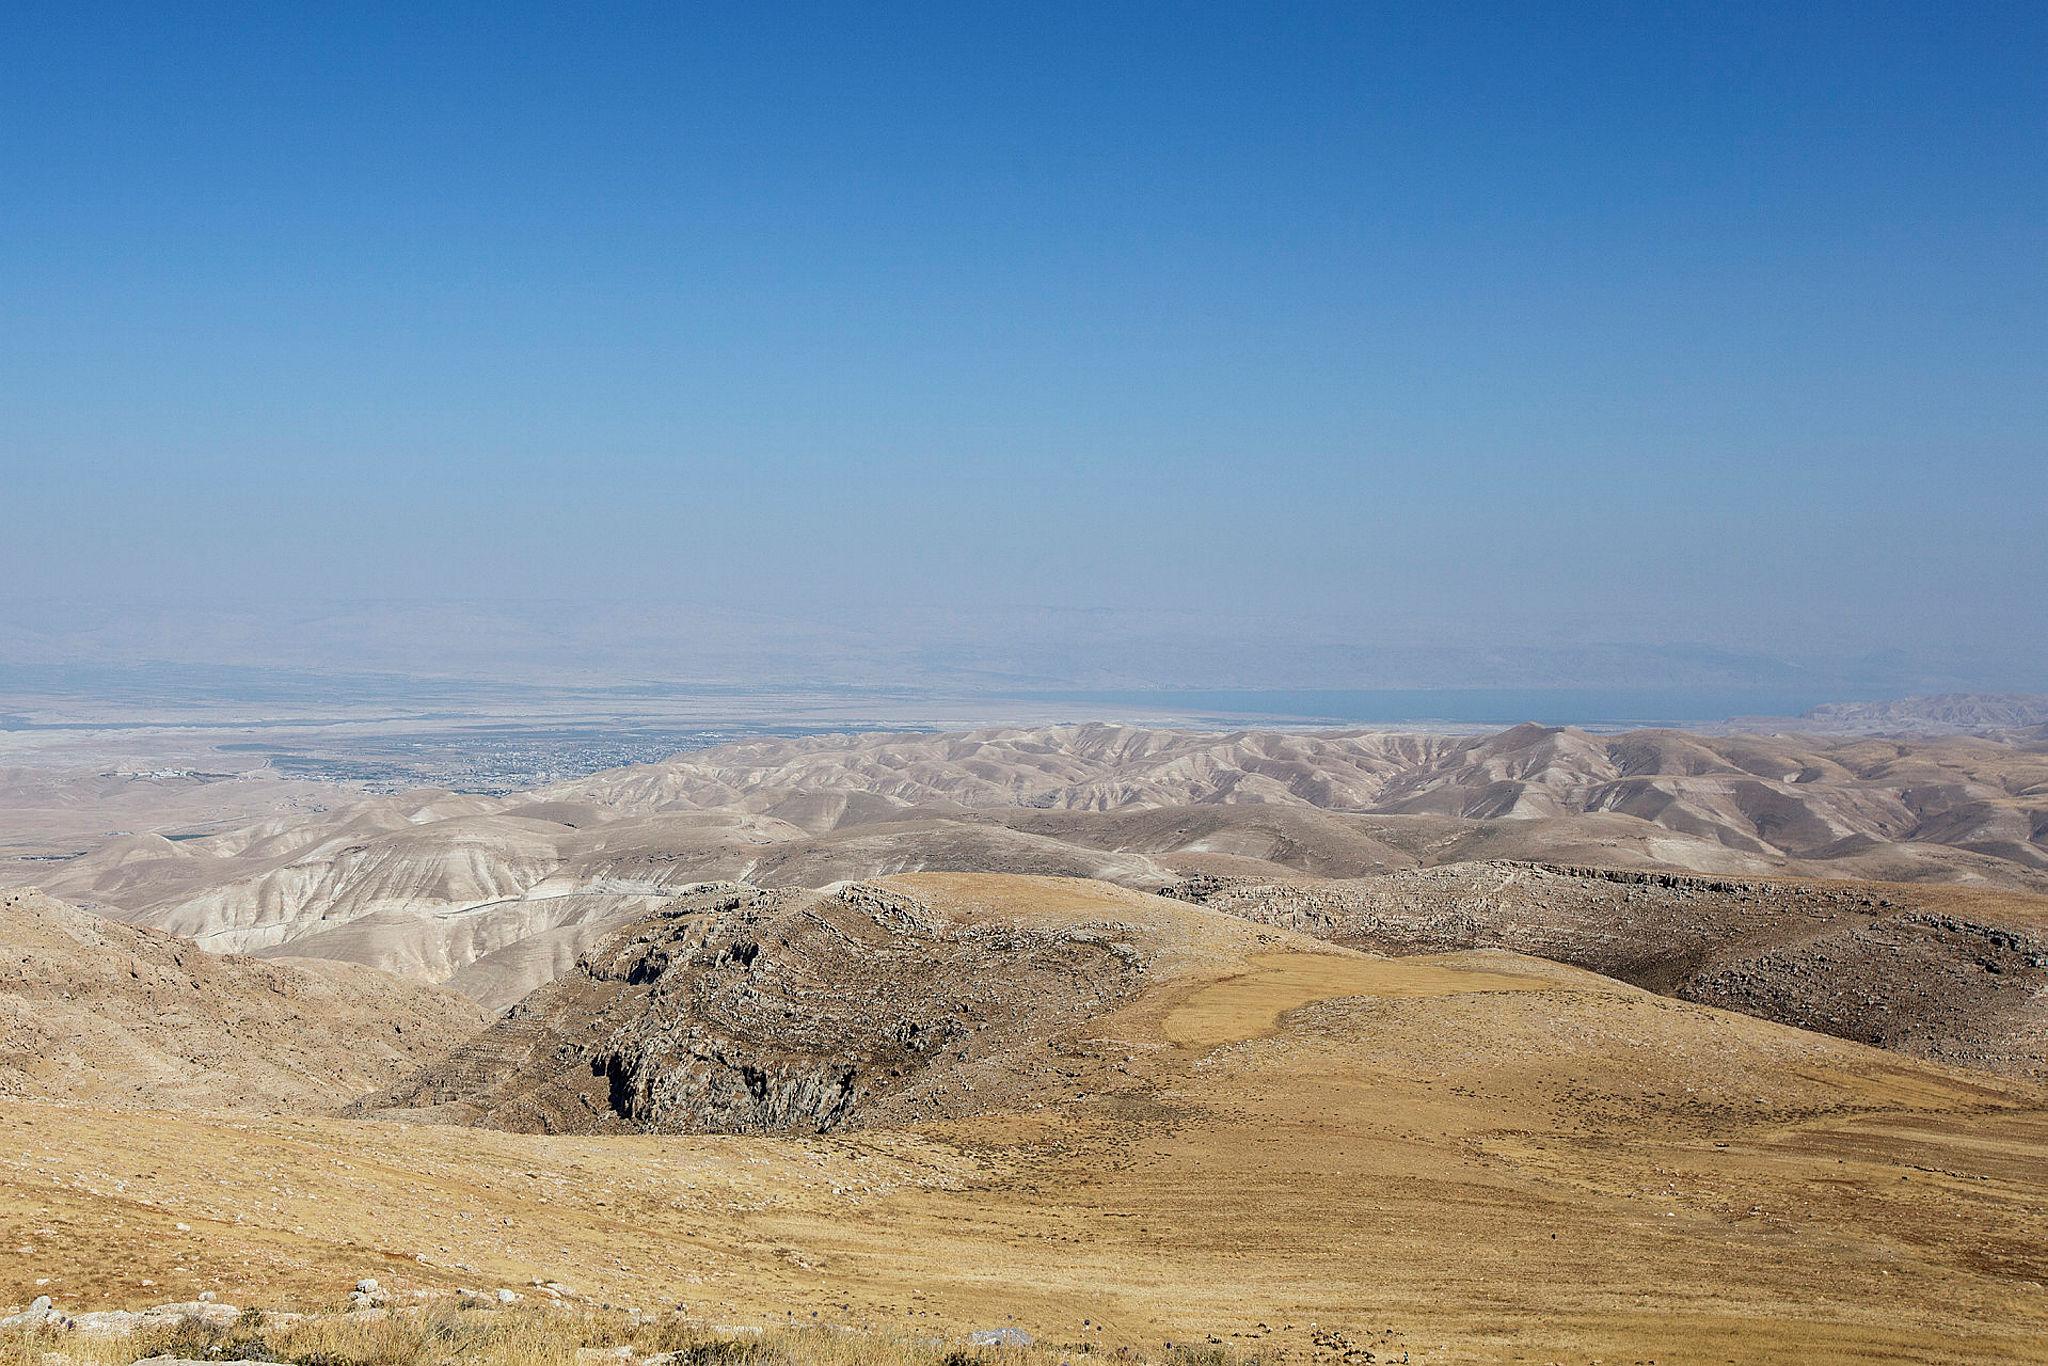 The Judaean Desert